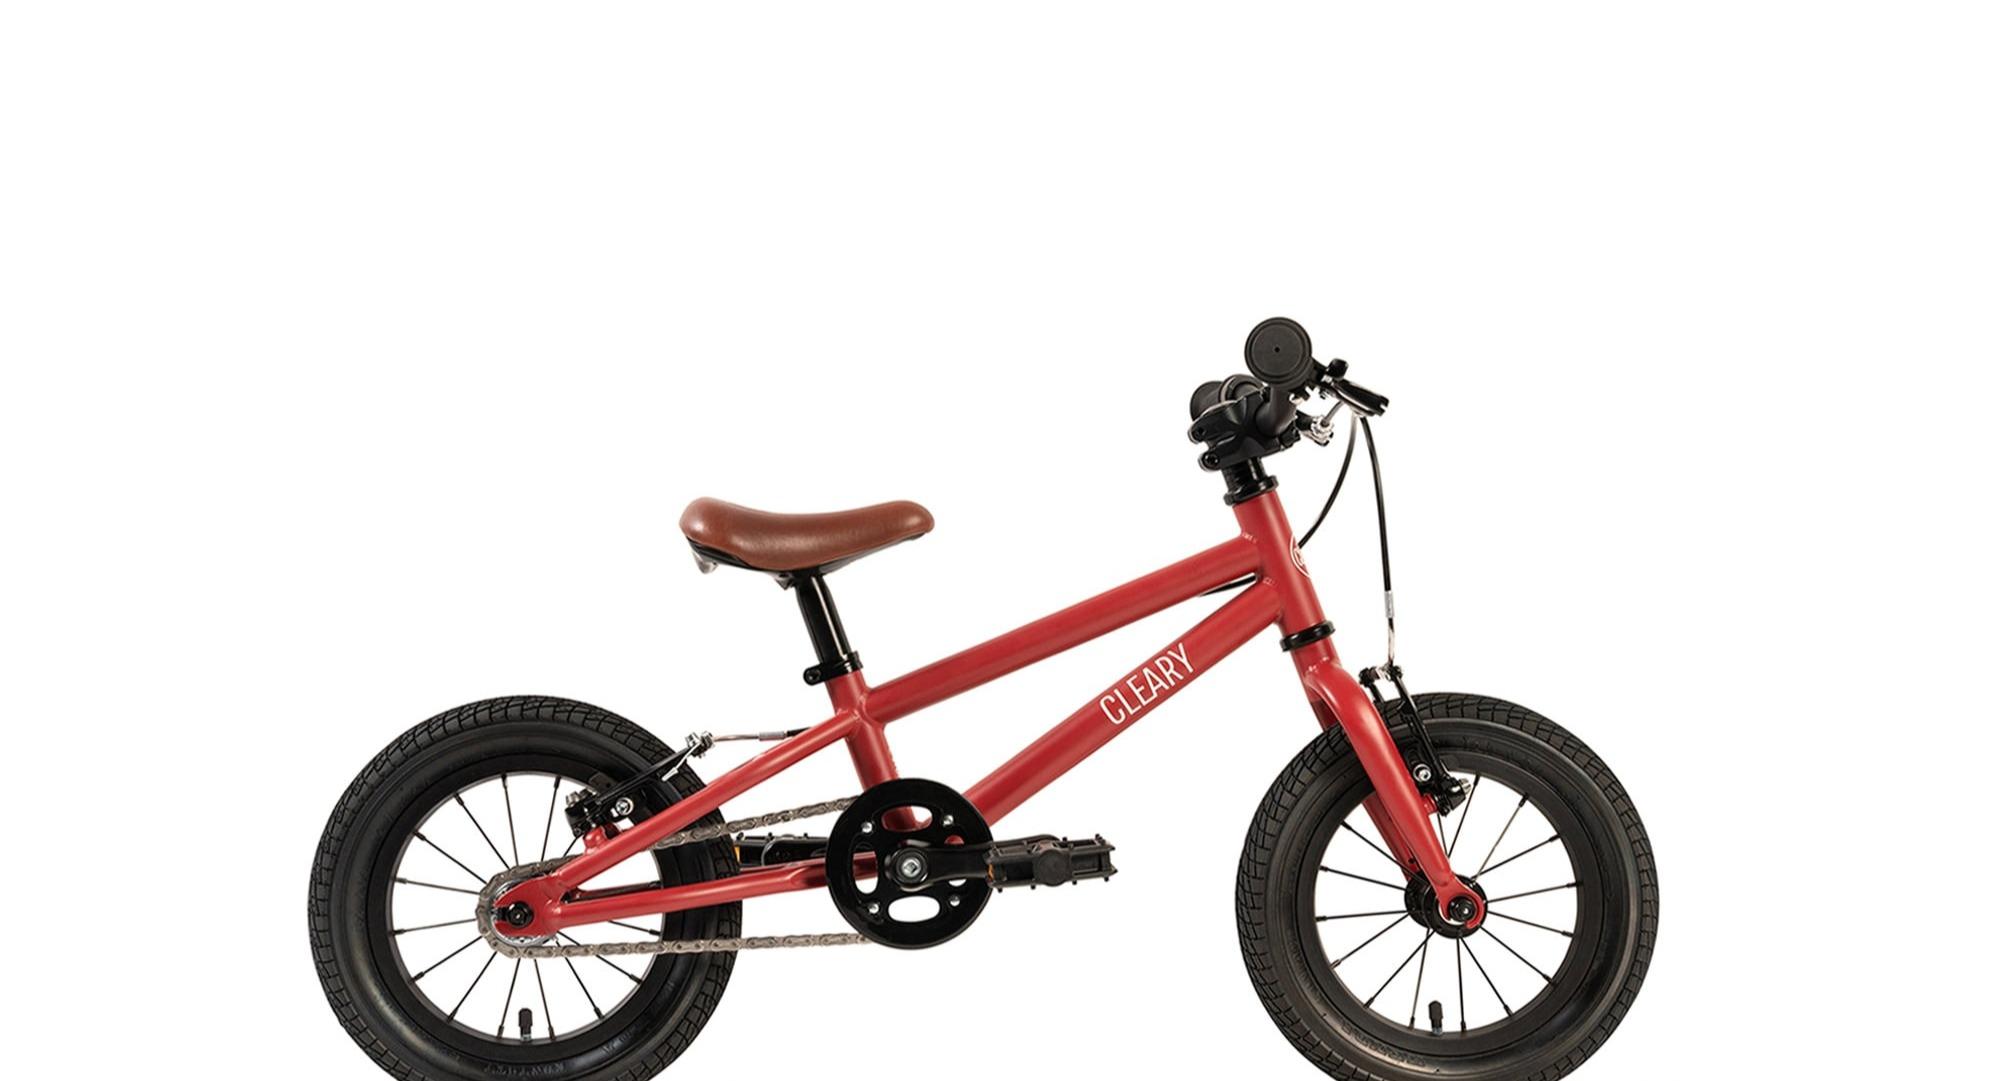 side view of a Gecko model Cleary bike, a 12 inch kids bike